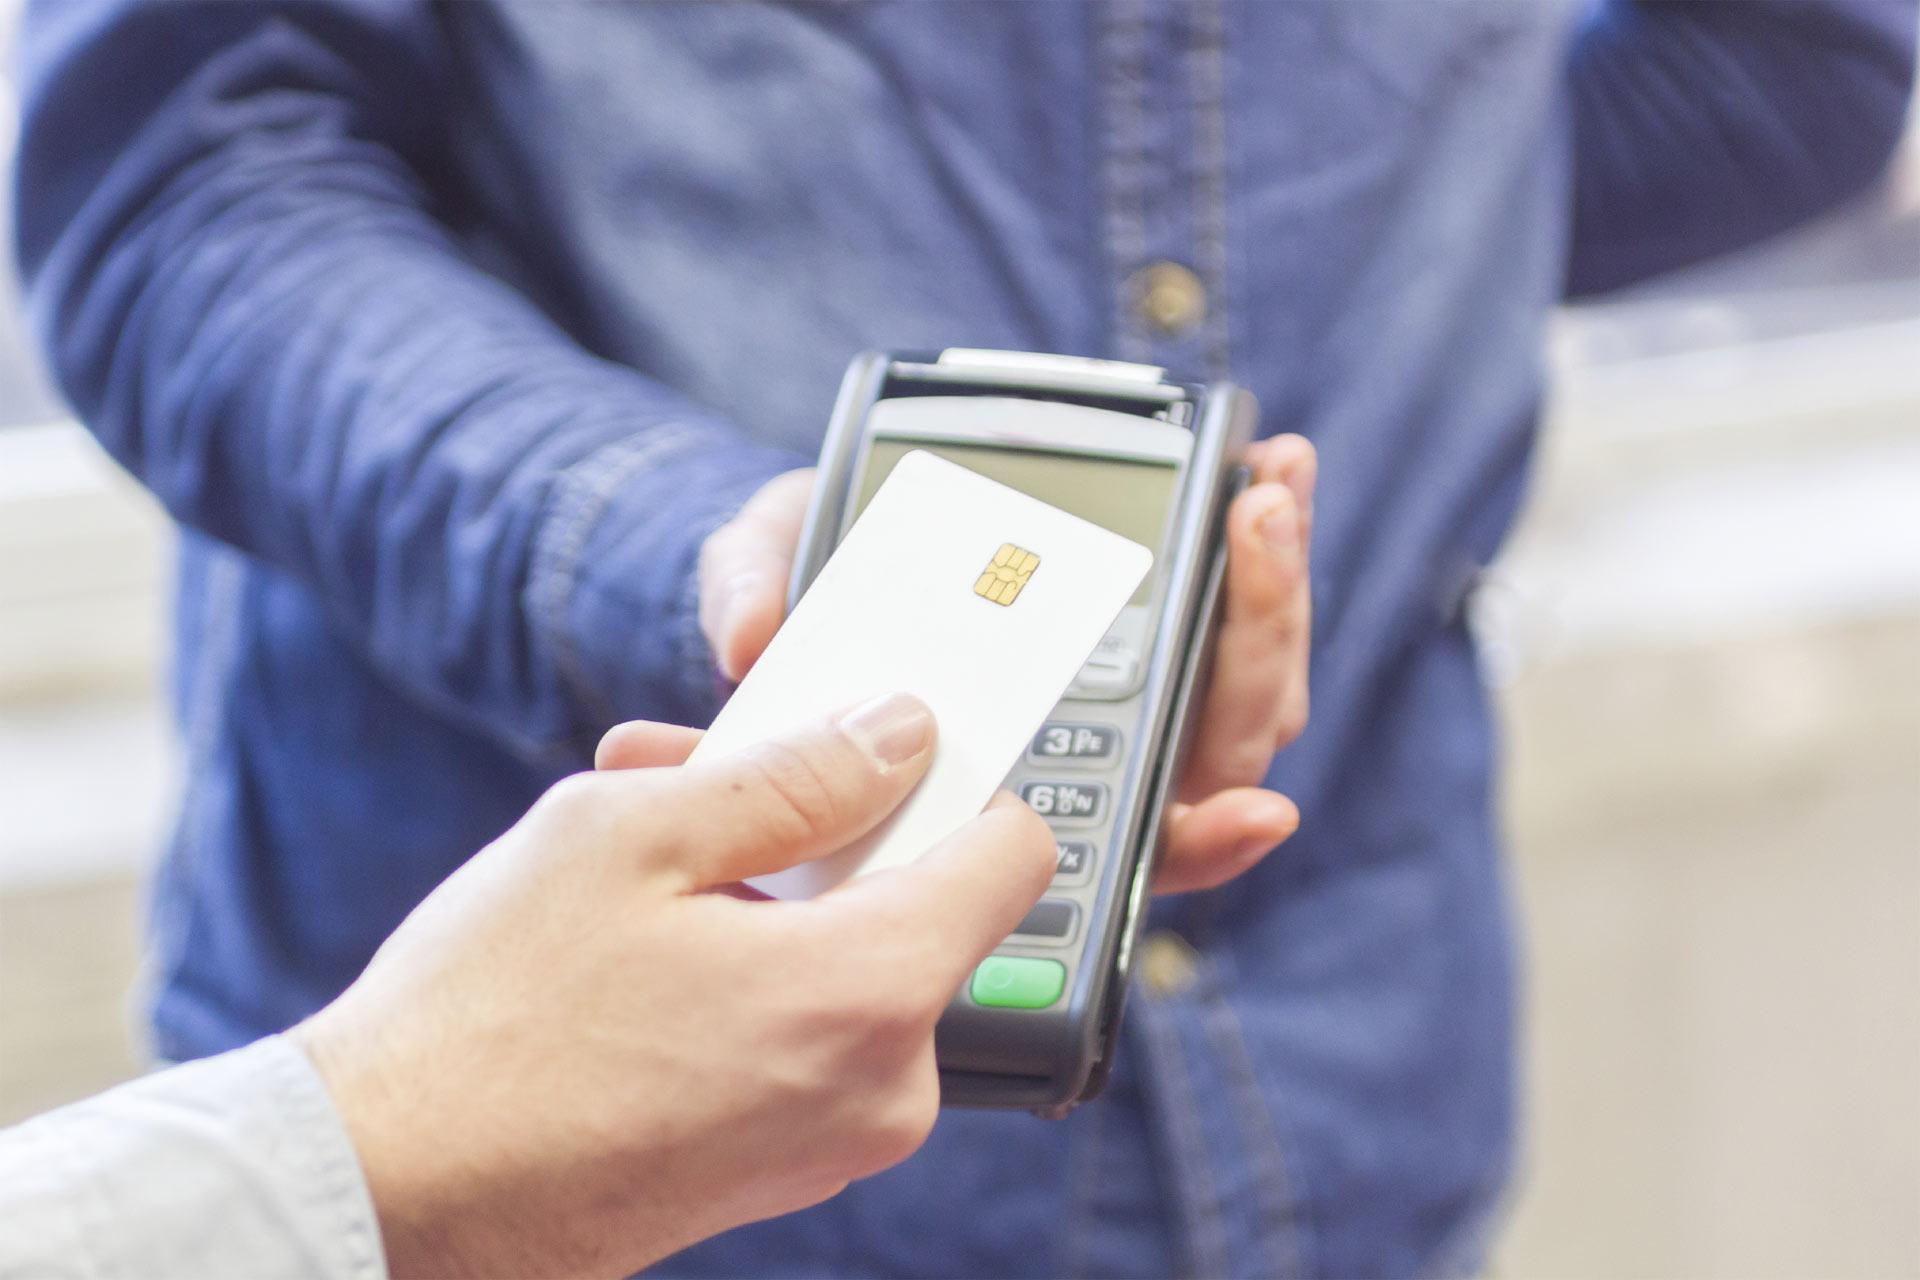 Este recurso financiero es muy útil para salir de apuros y, aunque algunos lo consideran esencial, hay otras maneras de resolver pagos